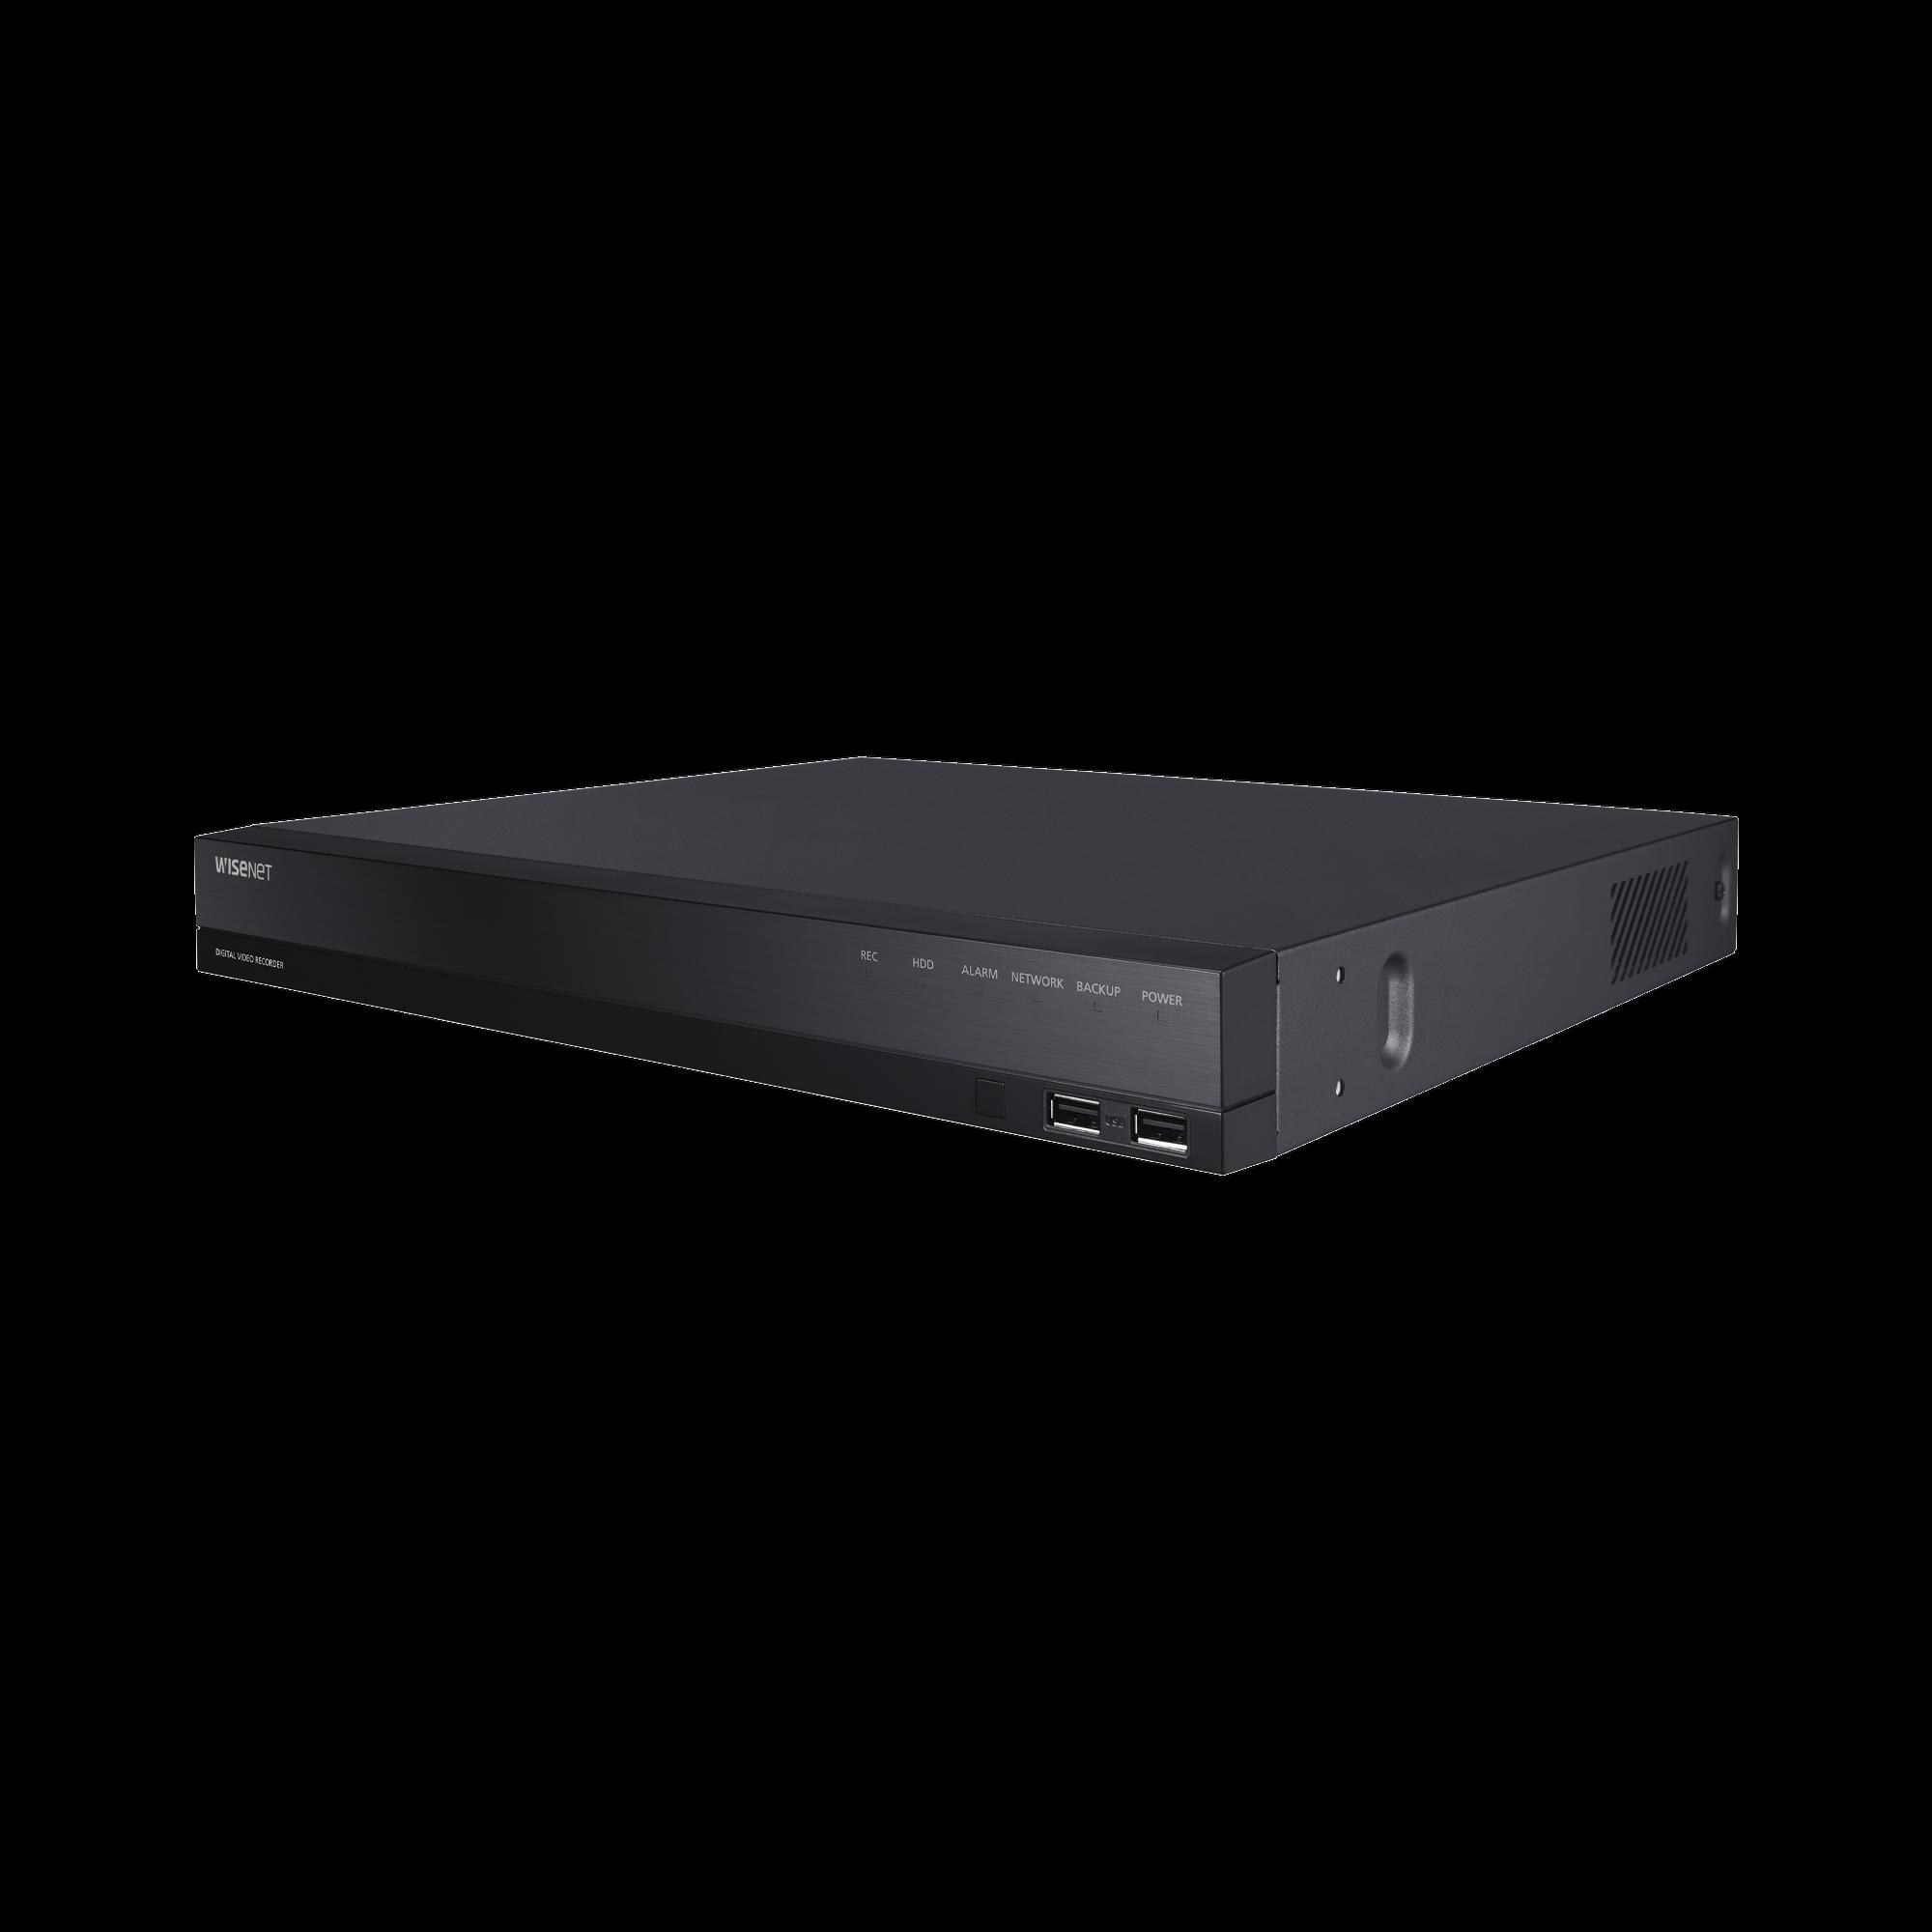 DVR 18 Canales (16 Analogicos + 2 IP) hasta 8 Megapixel / Soporta 4 Tecnologías (AHD, TVI, CVI, CVBS)  / Hasta 2HDDs / Entradas y Salidas de Audio y Alarma